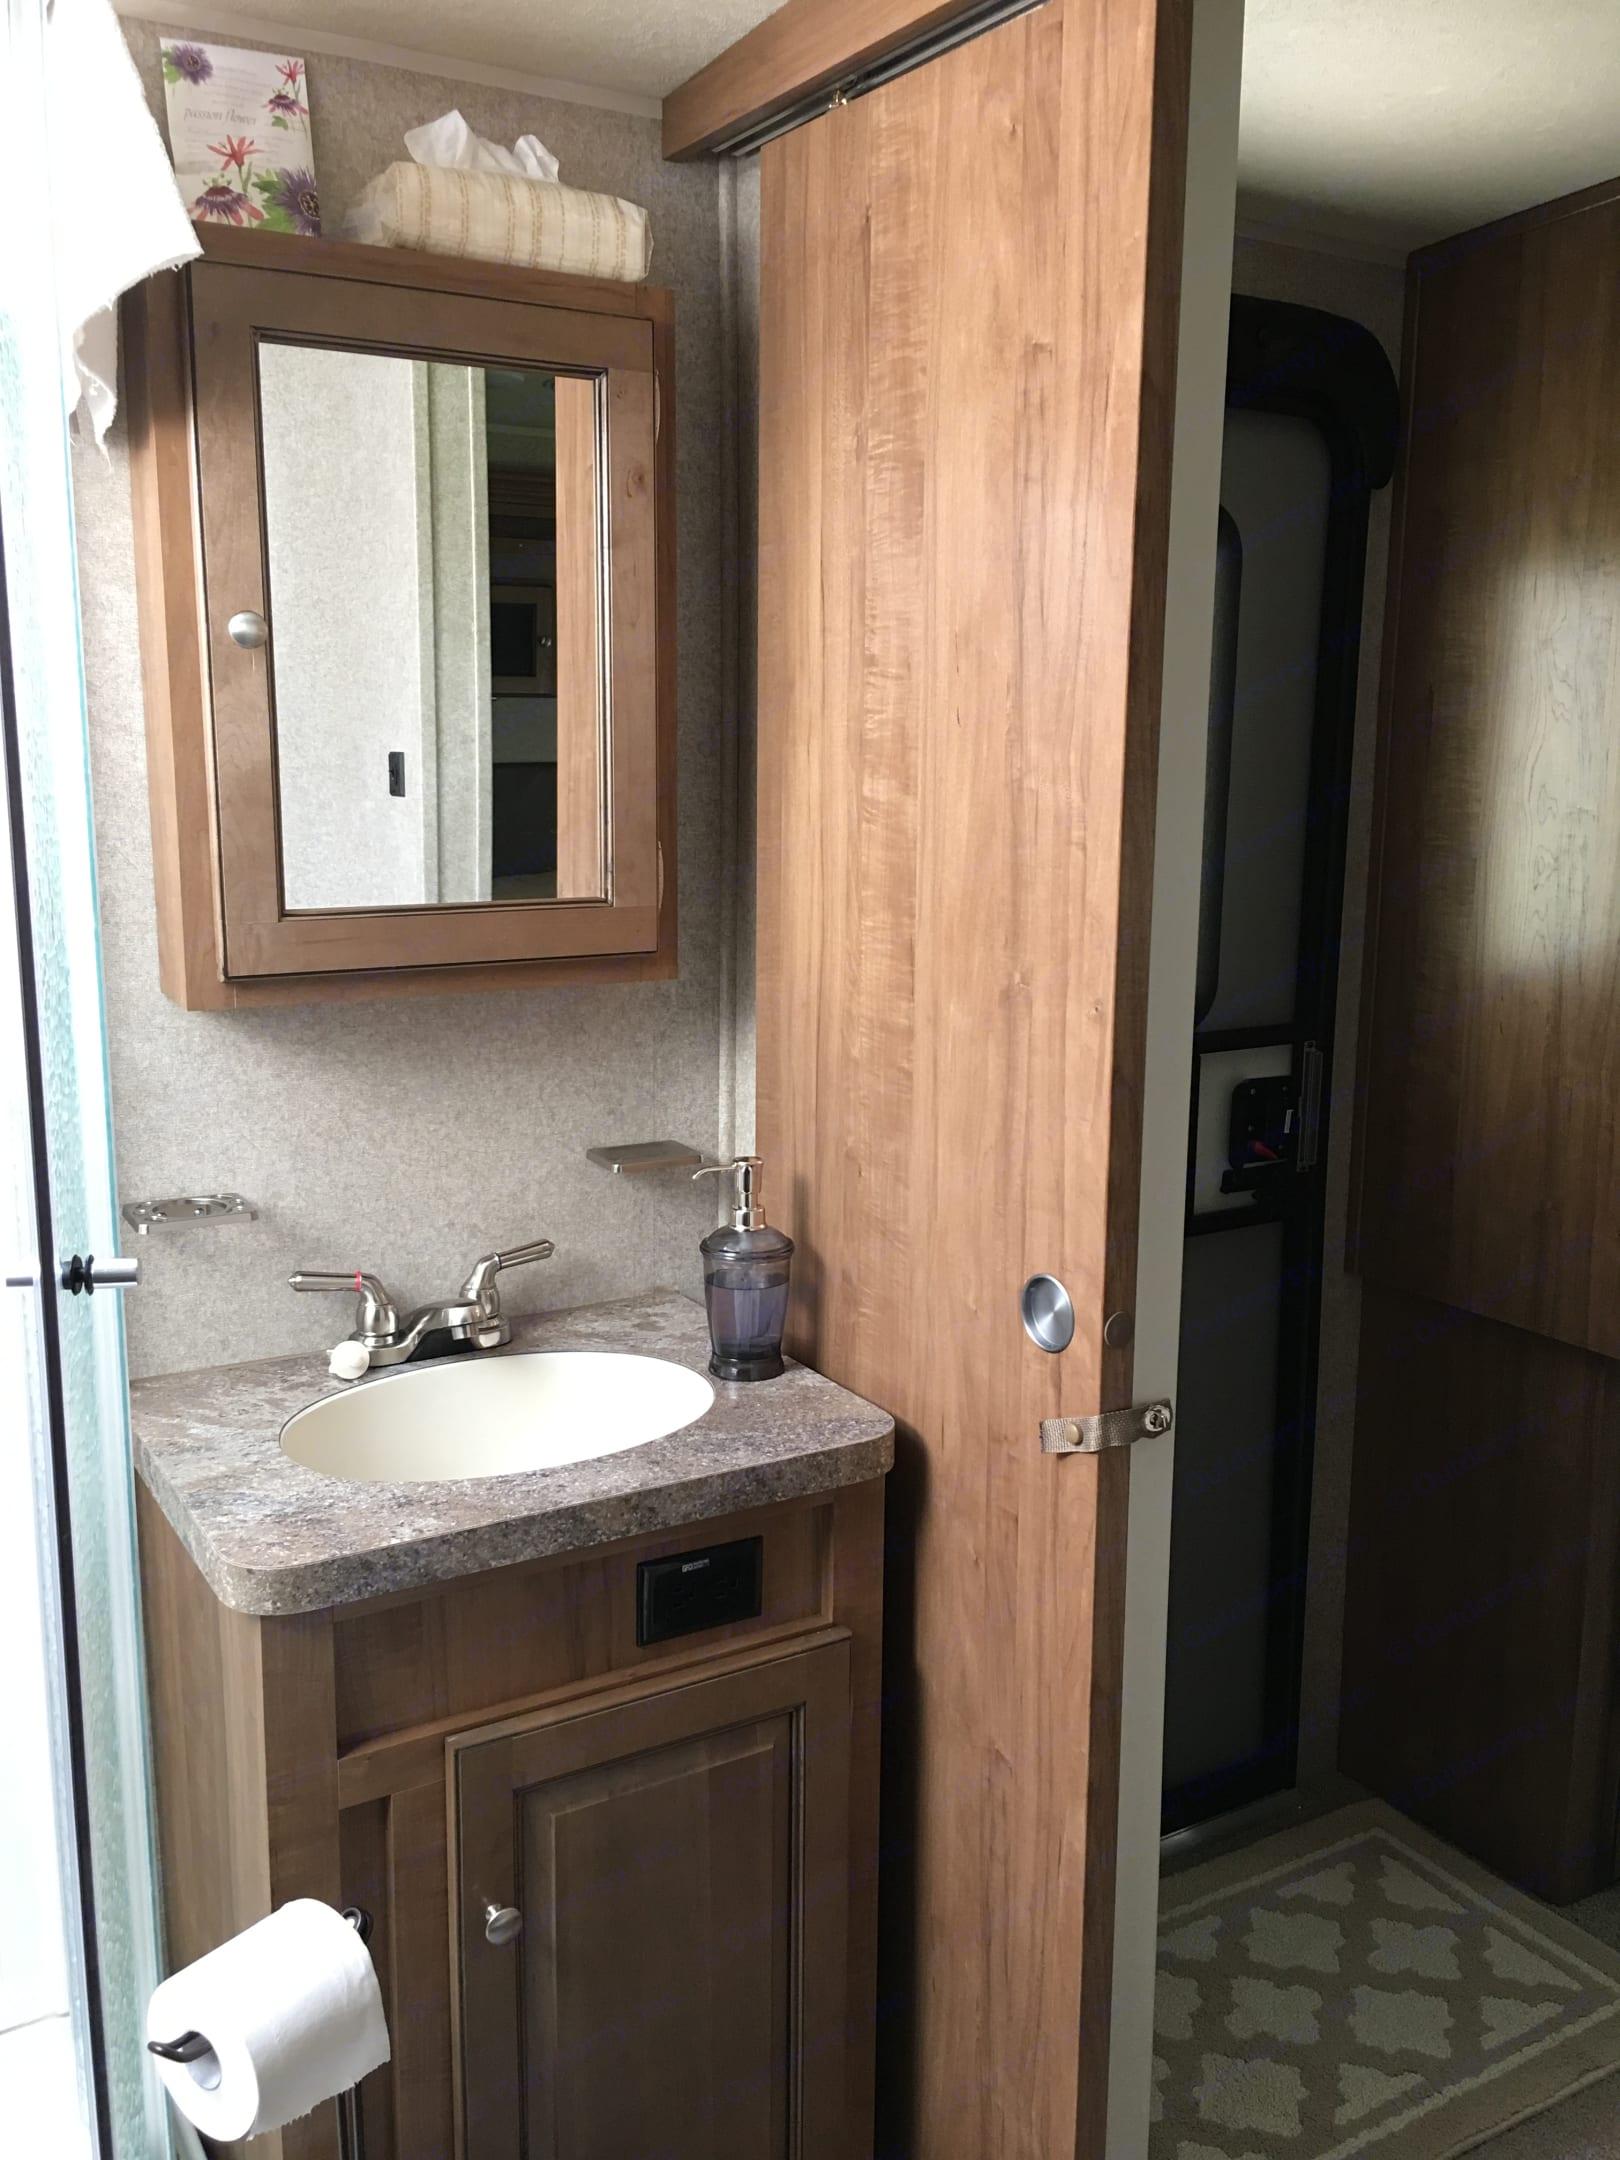 Bathroom. Forest River Rockwood 2017